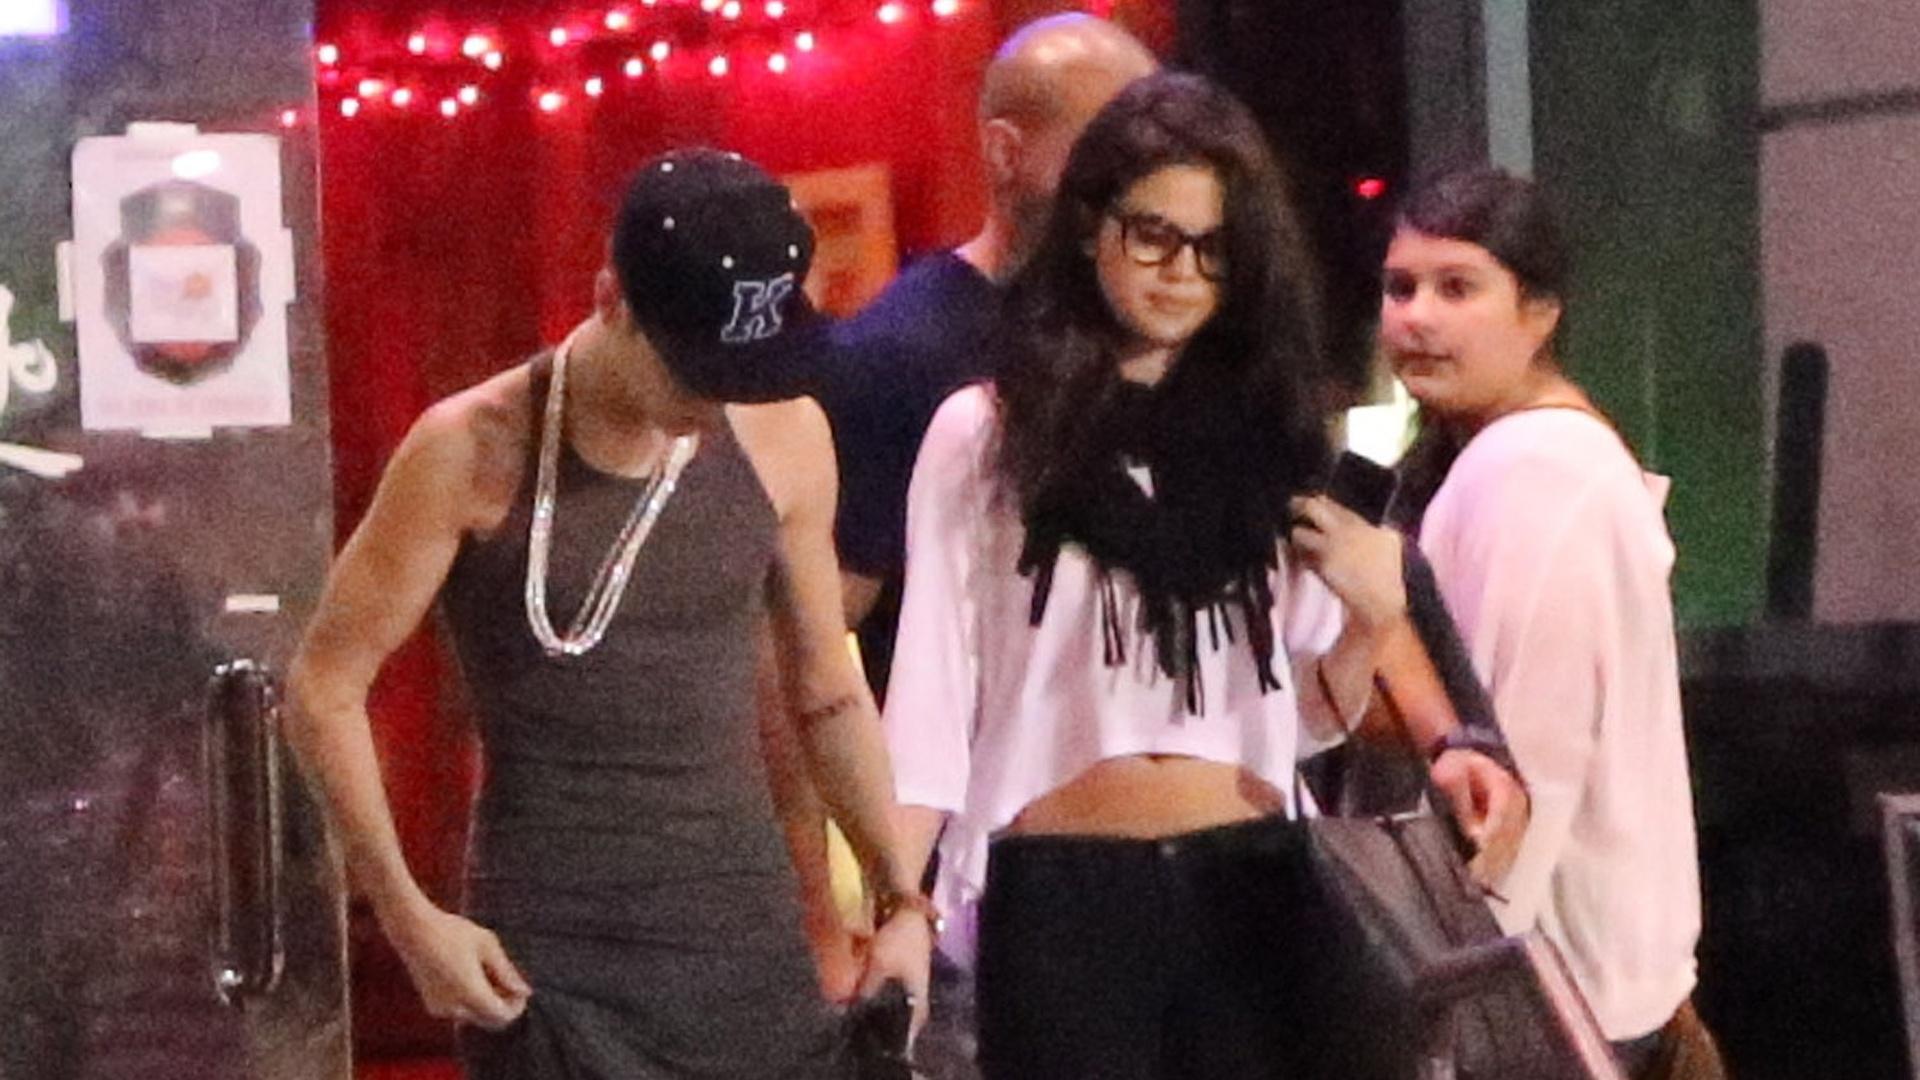 Justin Bieber e Selena Gomez saíram para jantar em um restaurante na Califórnia (16/11/12). Os cantores que estão separados deixaram o local em carros separados. Ao chegar na residência de Selena, Justin foi impedido de entrar e chegou a passar um tempo parado no portão